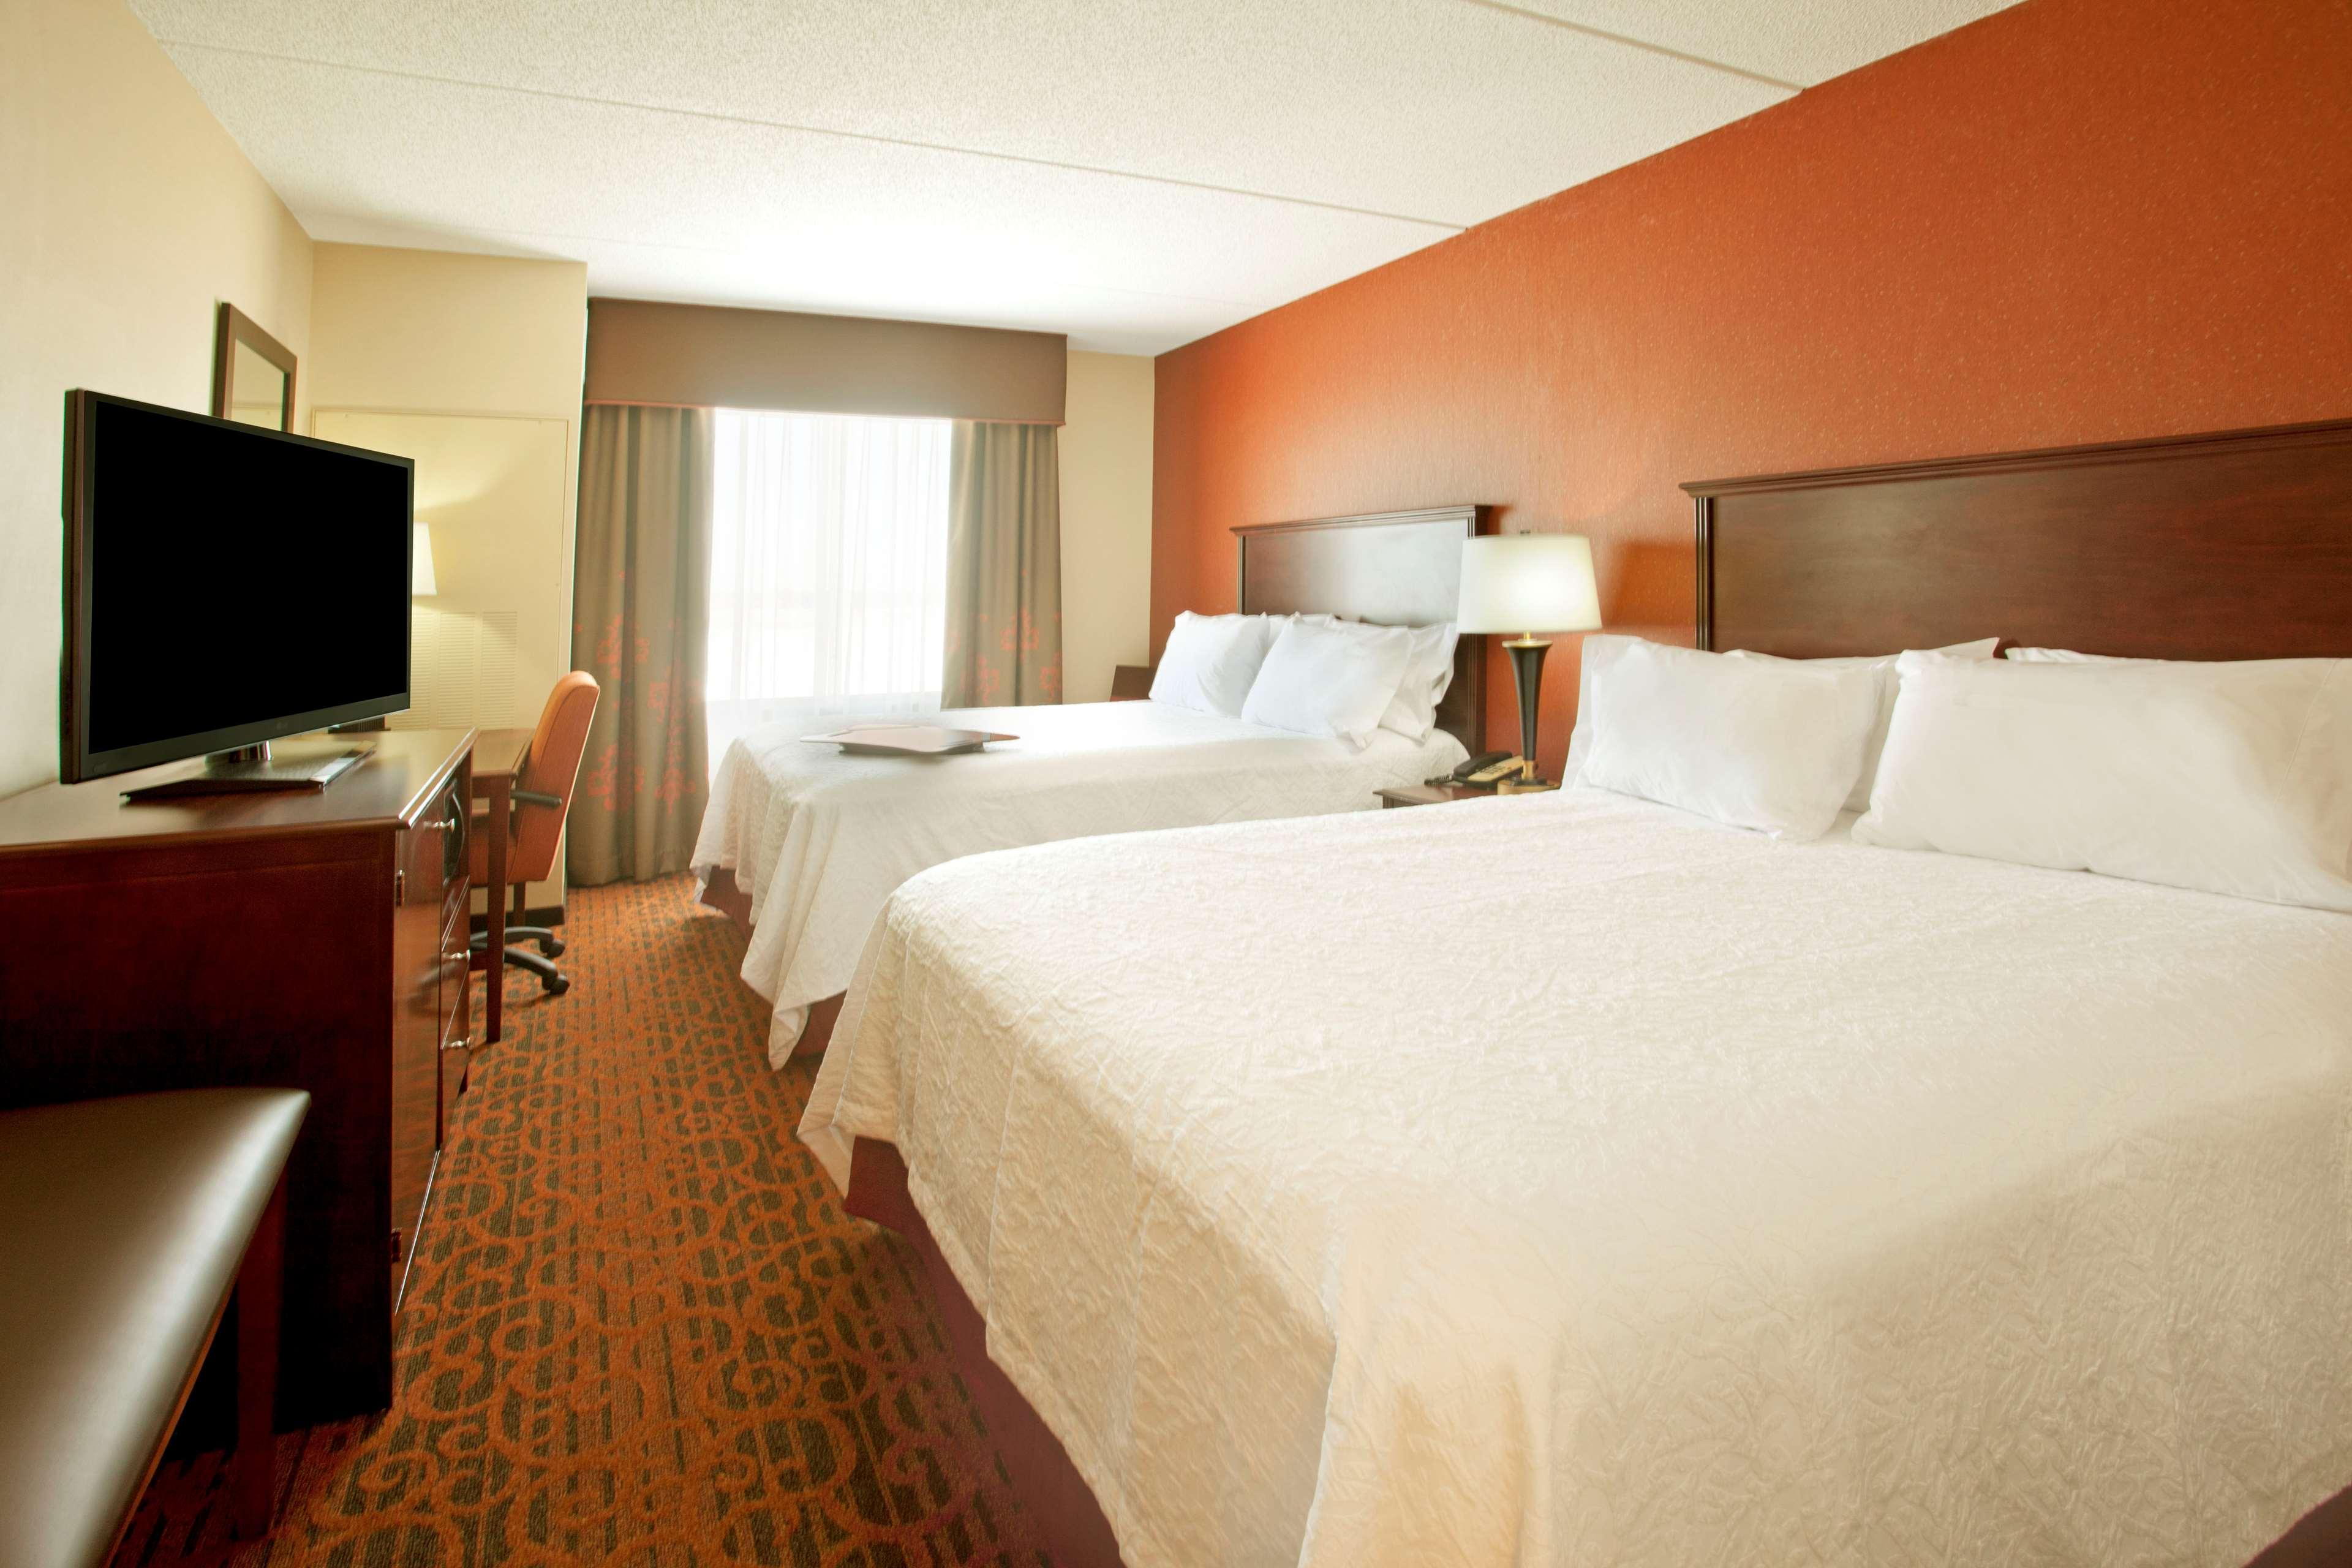 Hampton Inn Suites Minneapolis St Paul Arpt-Mall of America image 19